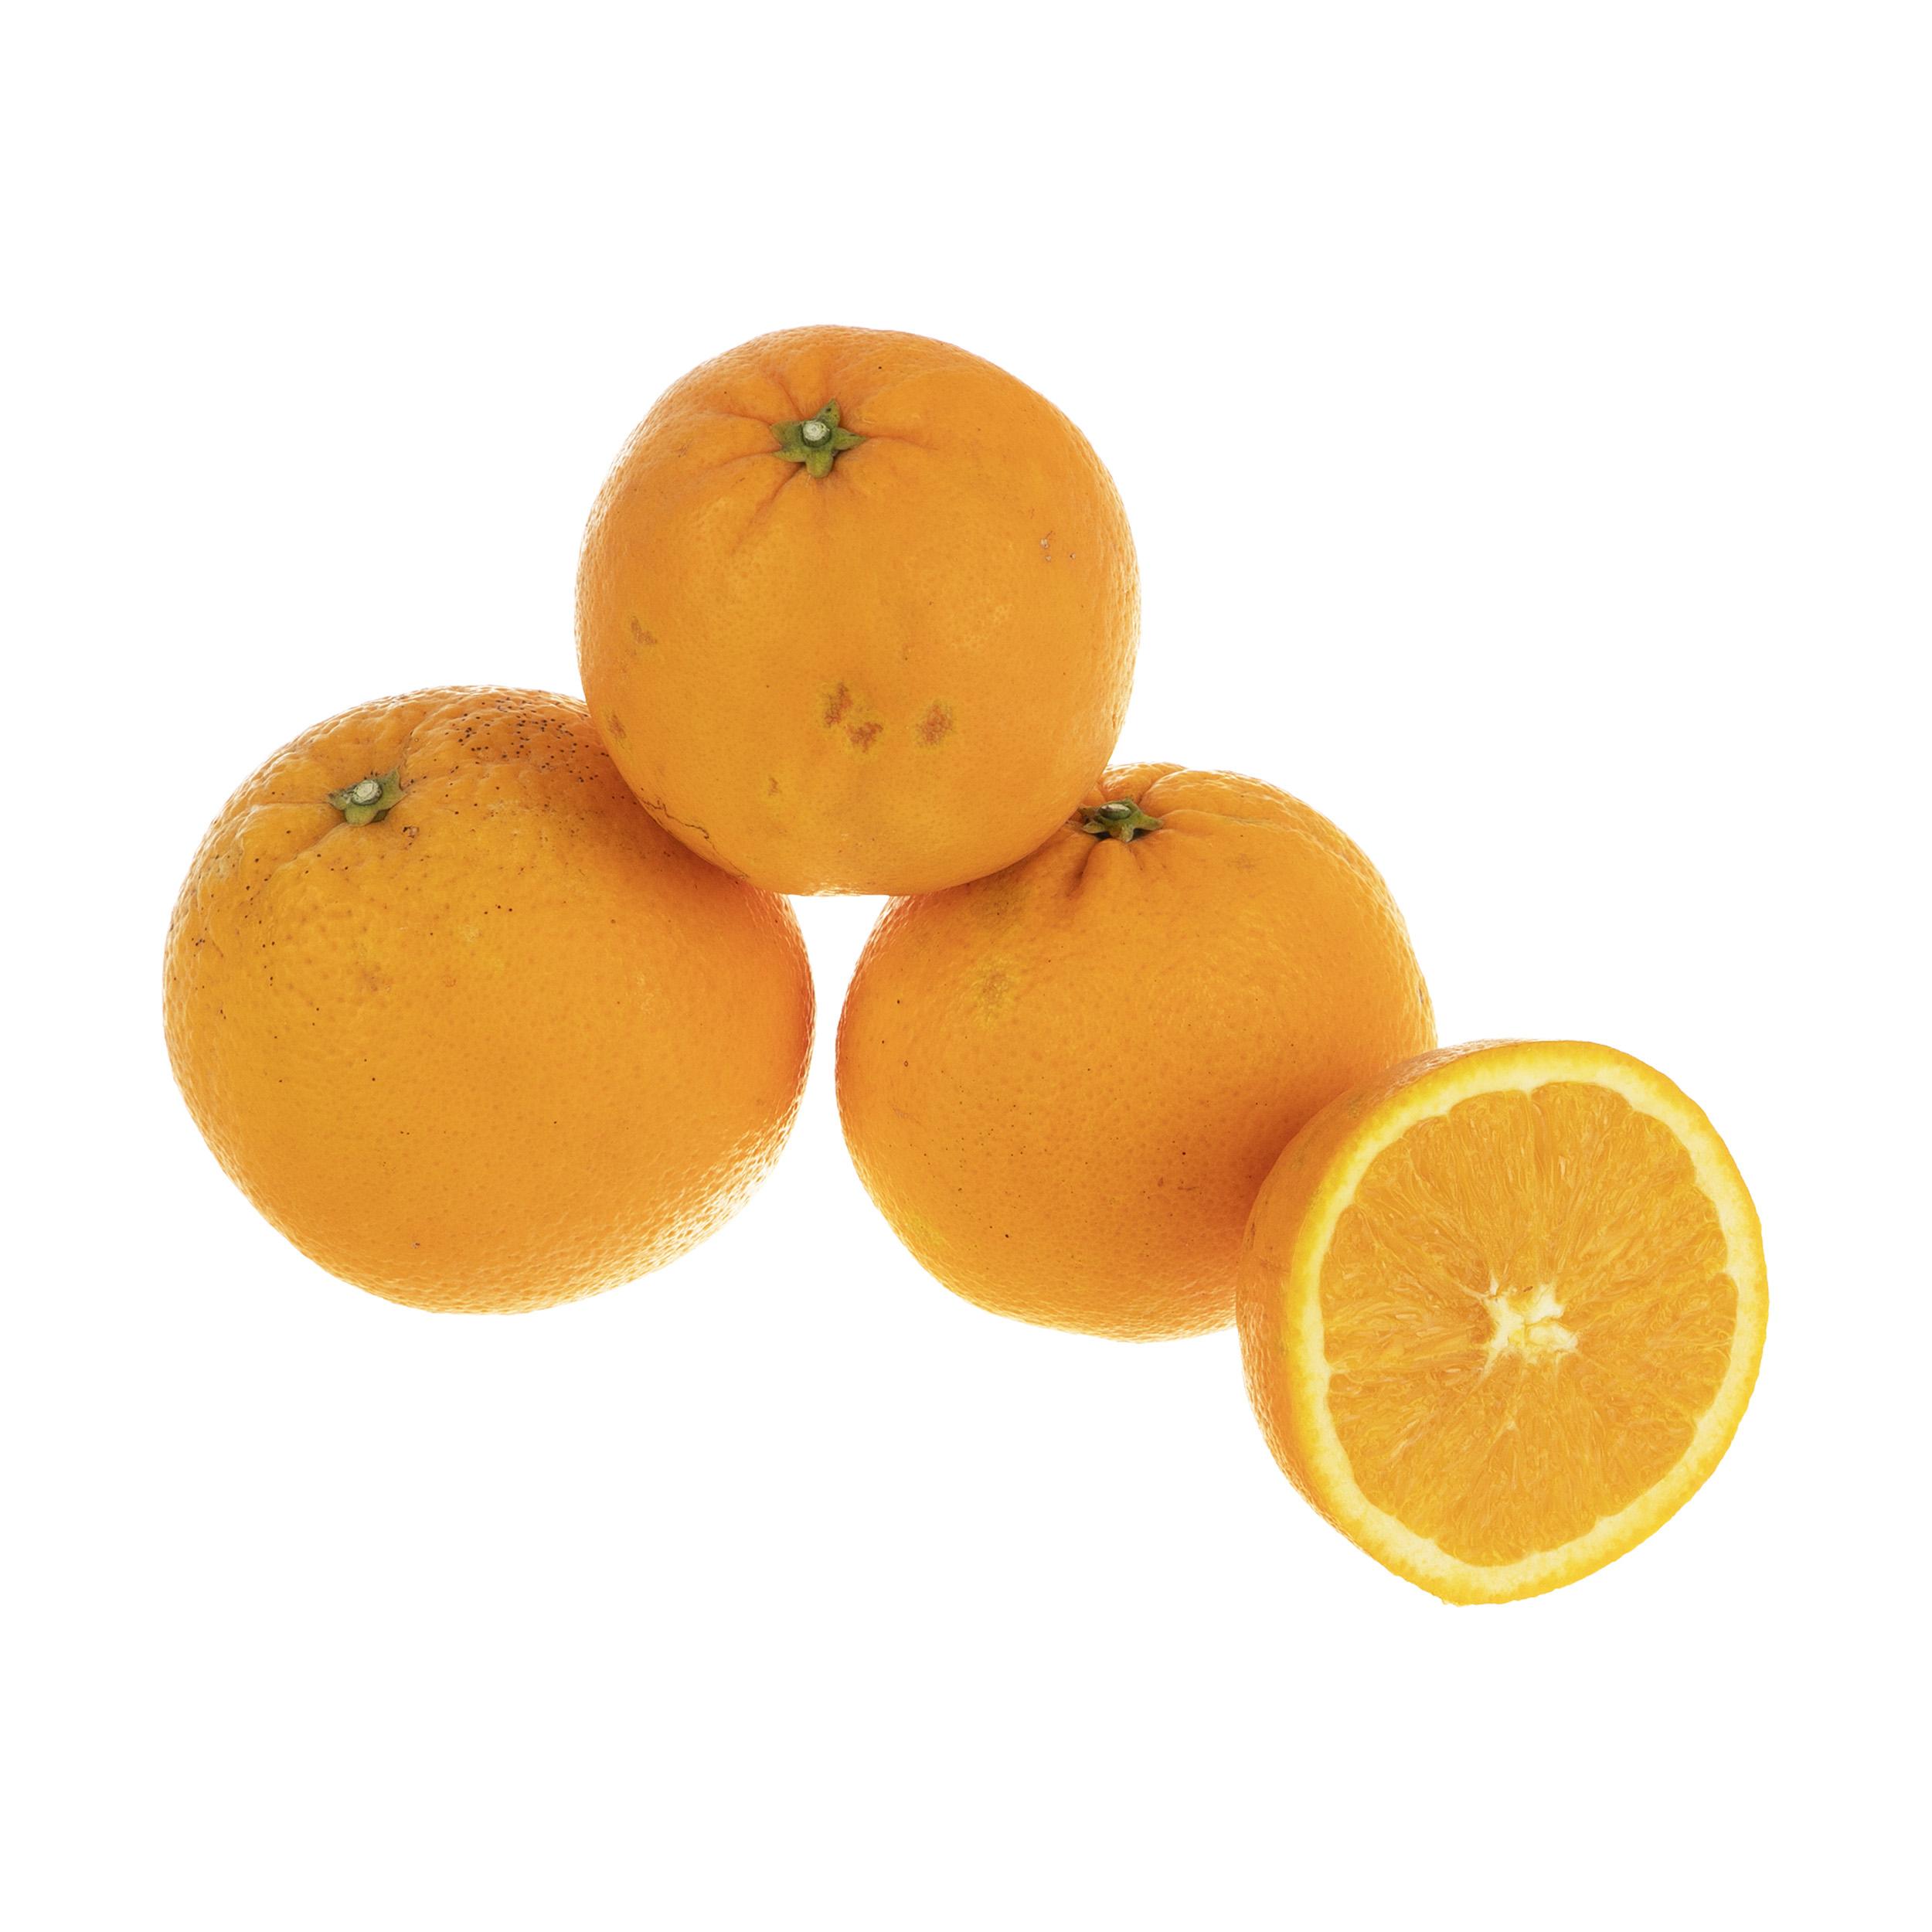 پرتقال تامسون شمال درجه یک بلوط - 1 کیلوگرم